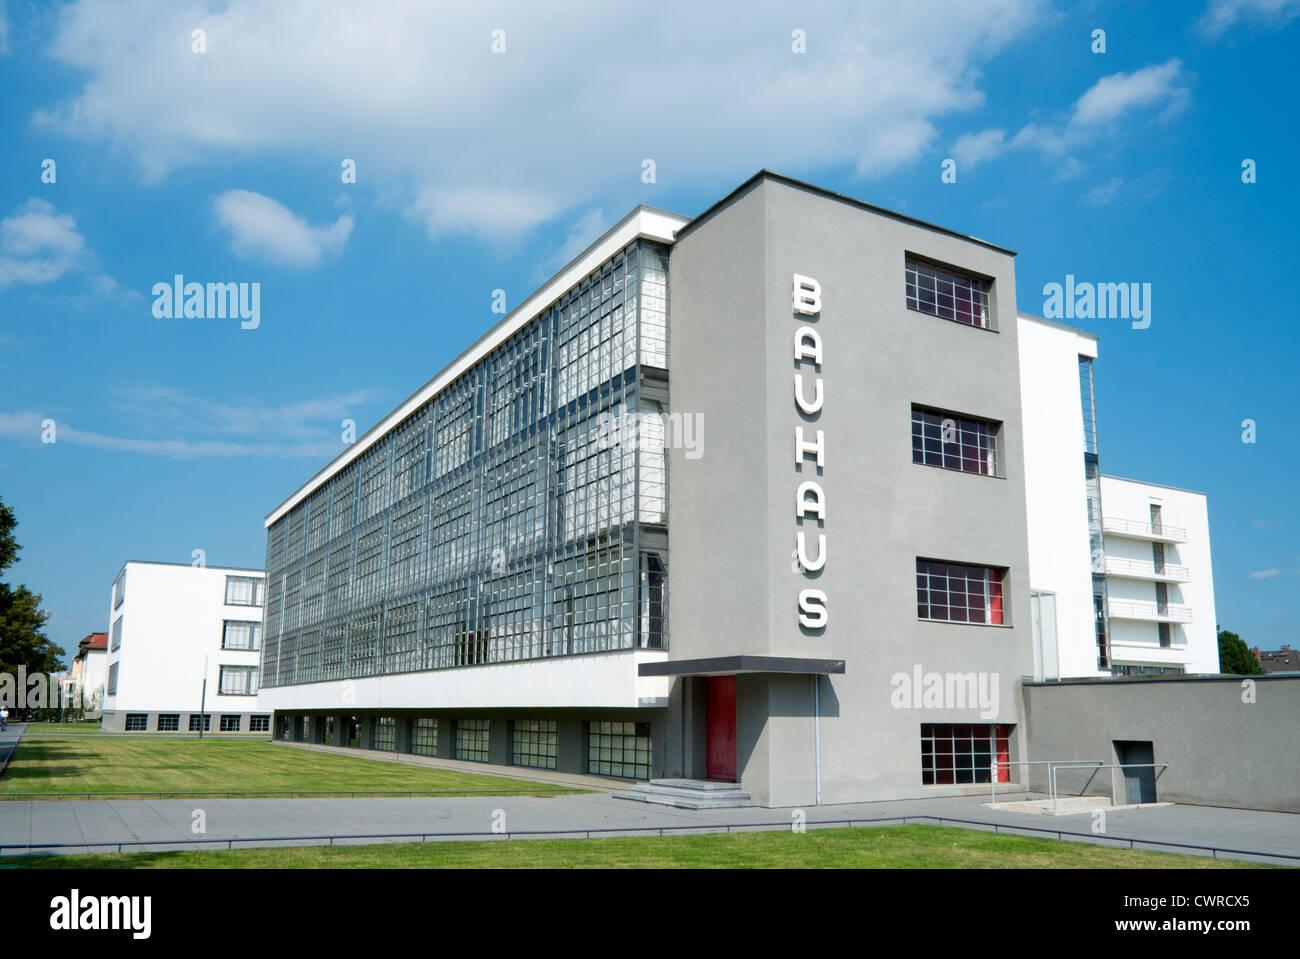 L'école d'architecture et bâtiment du Bauhaus conçu par Walter Gropius à Dessau Allemagne Photo Stock